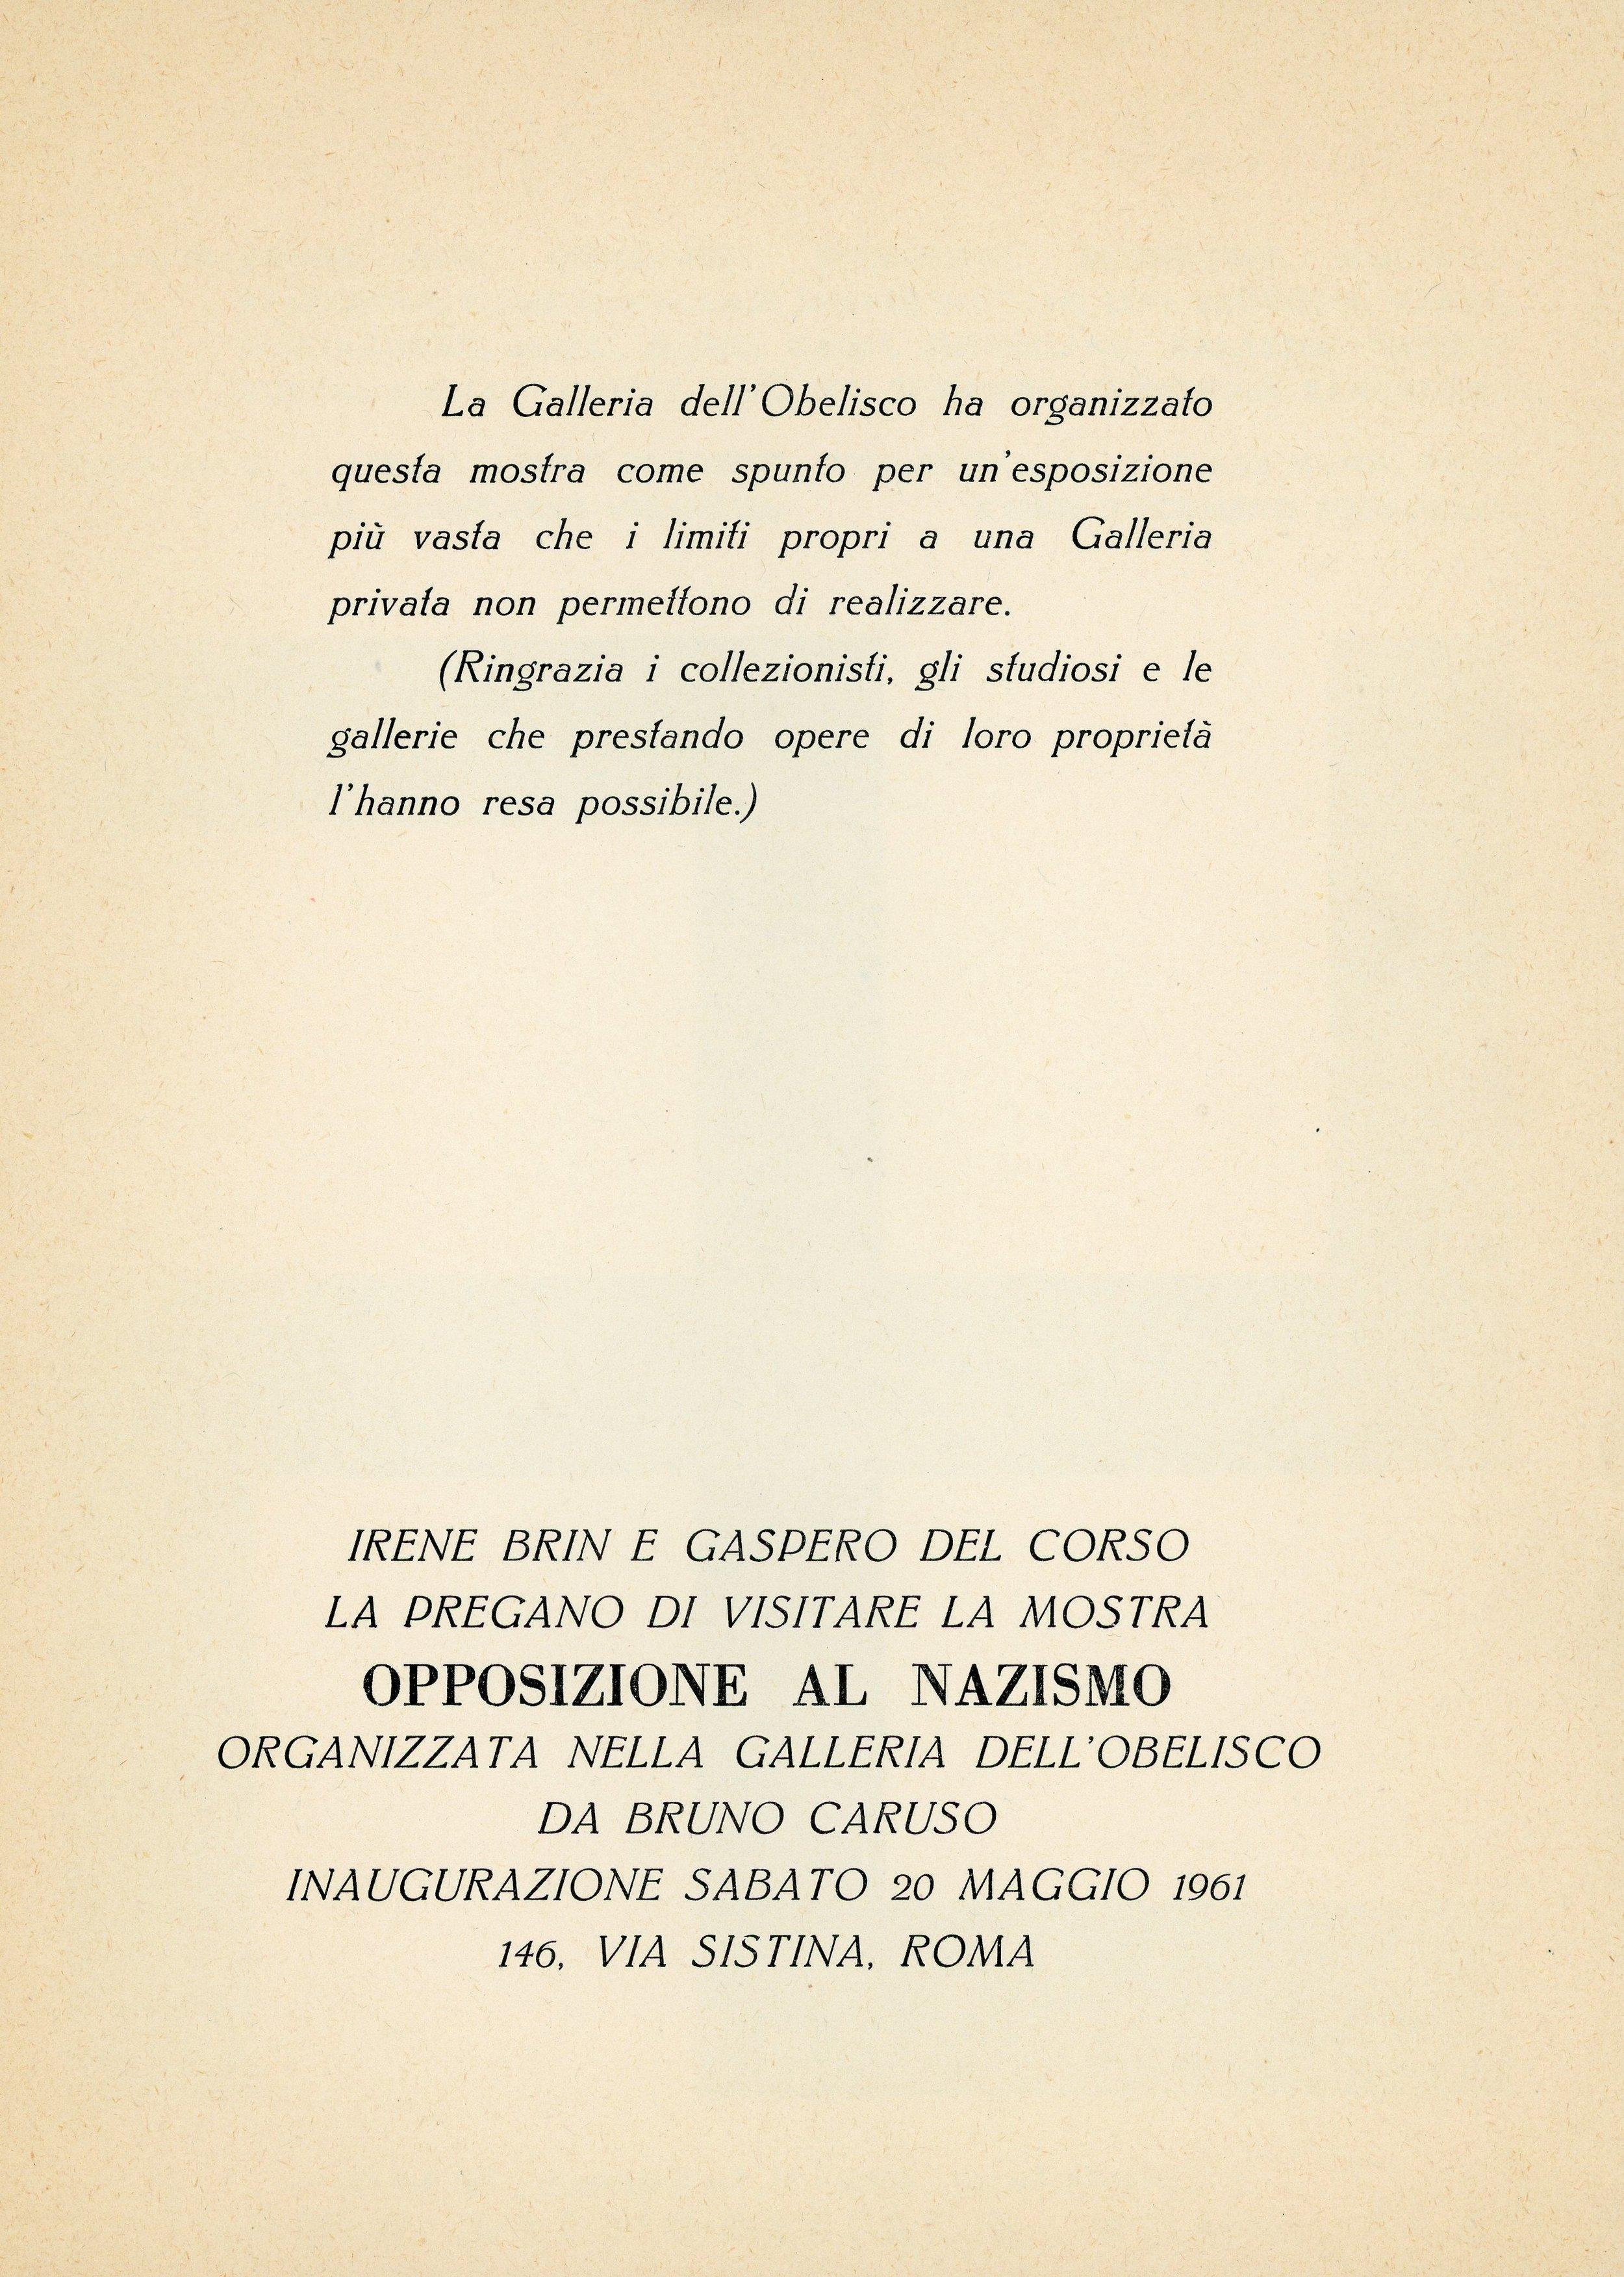 1961-05 Opposizione al Nazismo Obelisco - Bruno Caruso_09.jpg